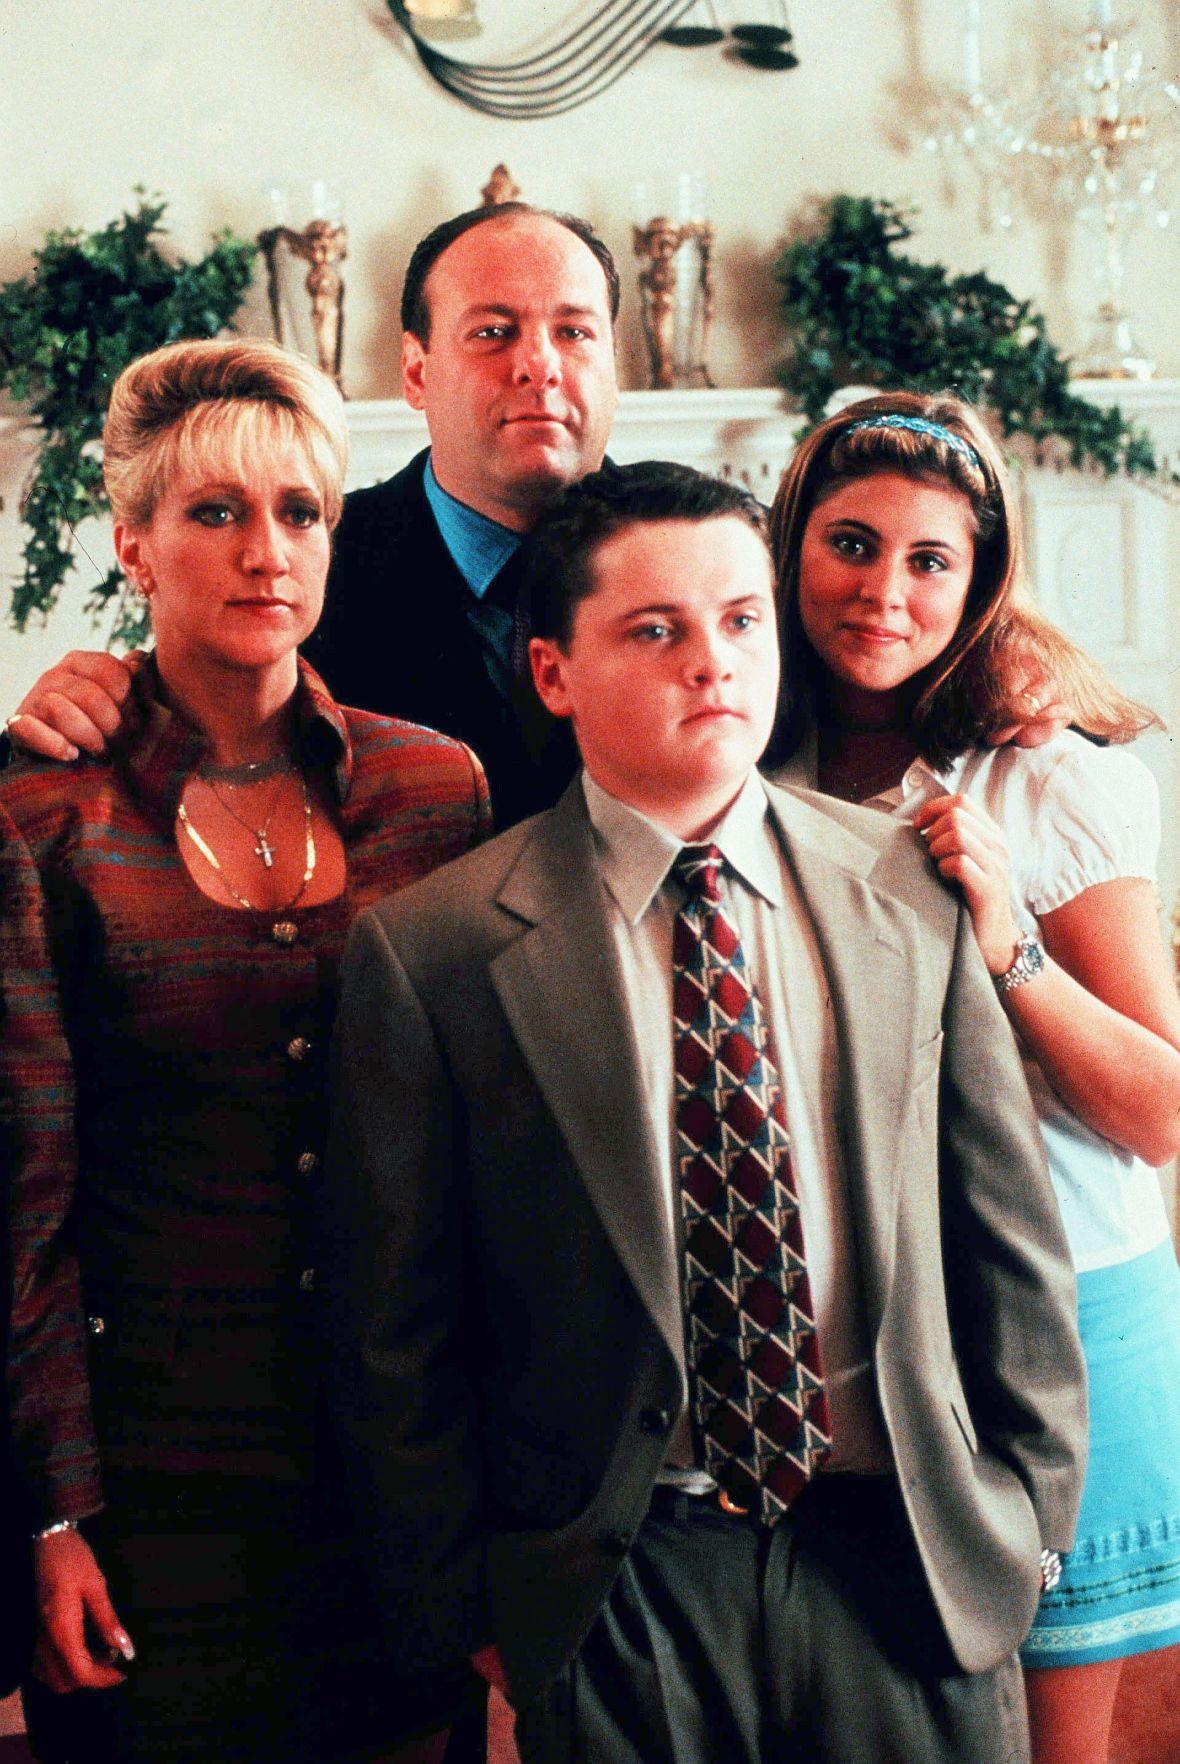 Edie Falco, James Gandolfini, Robert Iler and Jamie-Lynn Sigler in a Promo Image for 'The Sopranos' Season 1 in 1999